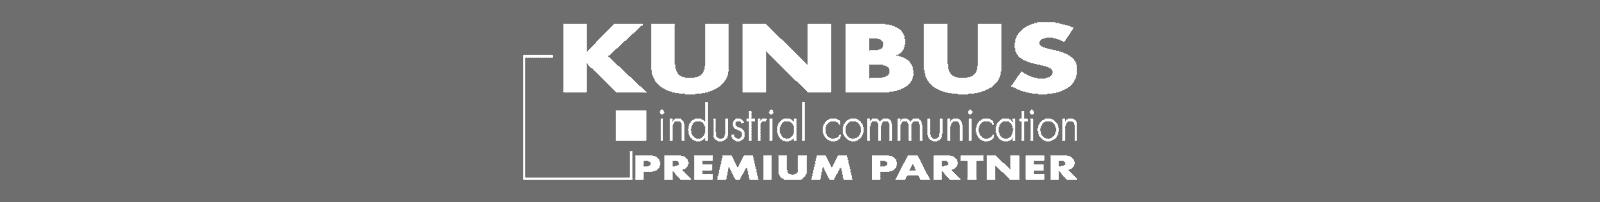 KUNBUS Premium Partner